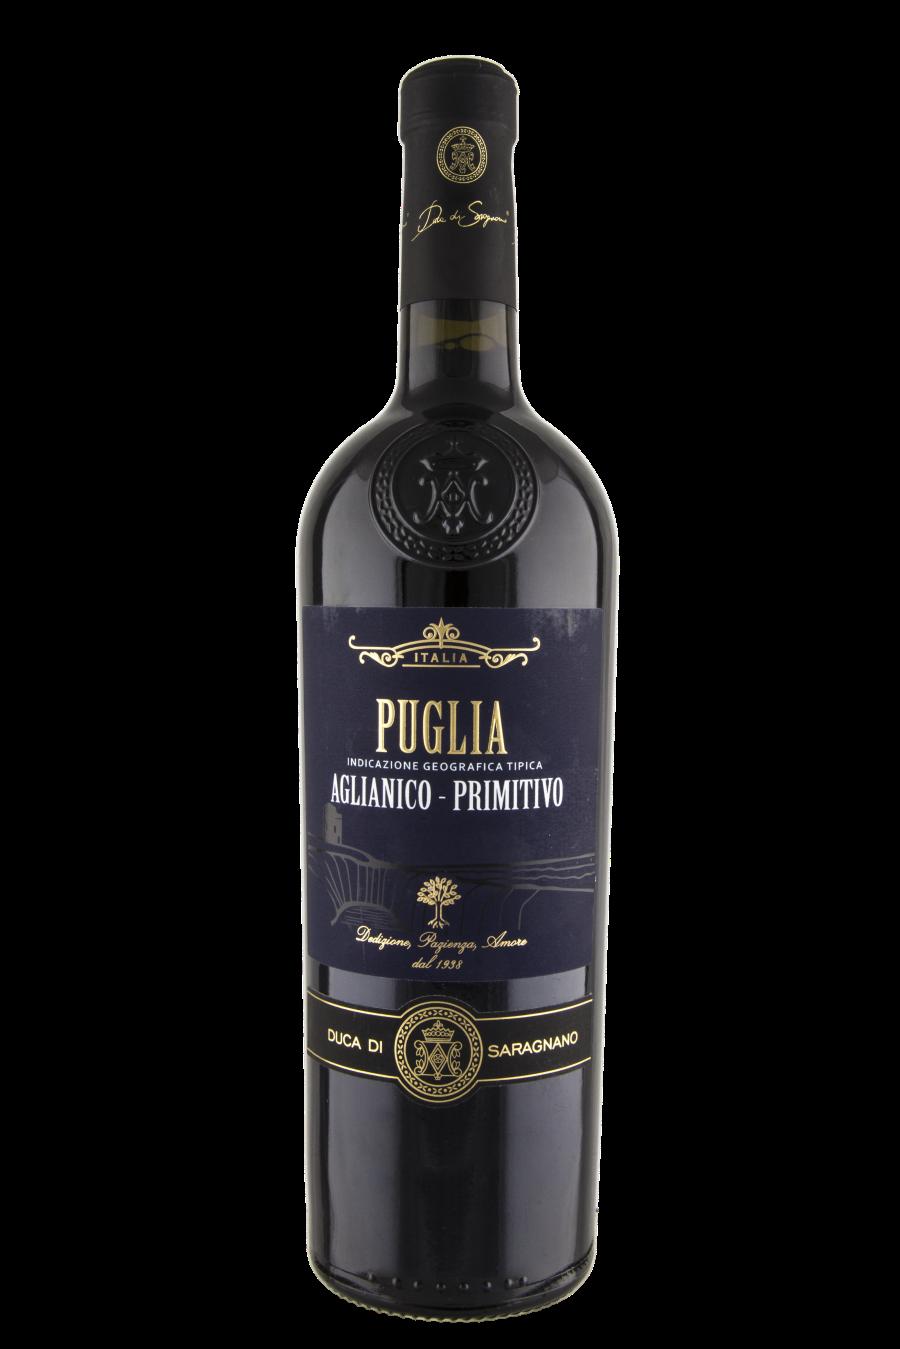 Puglia Aglianico - Primitivo